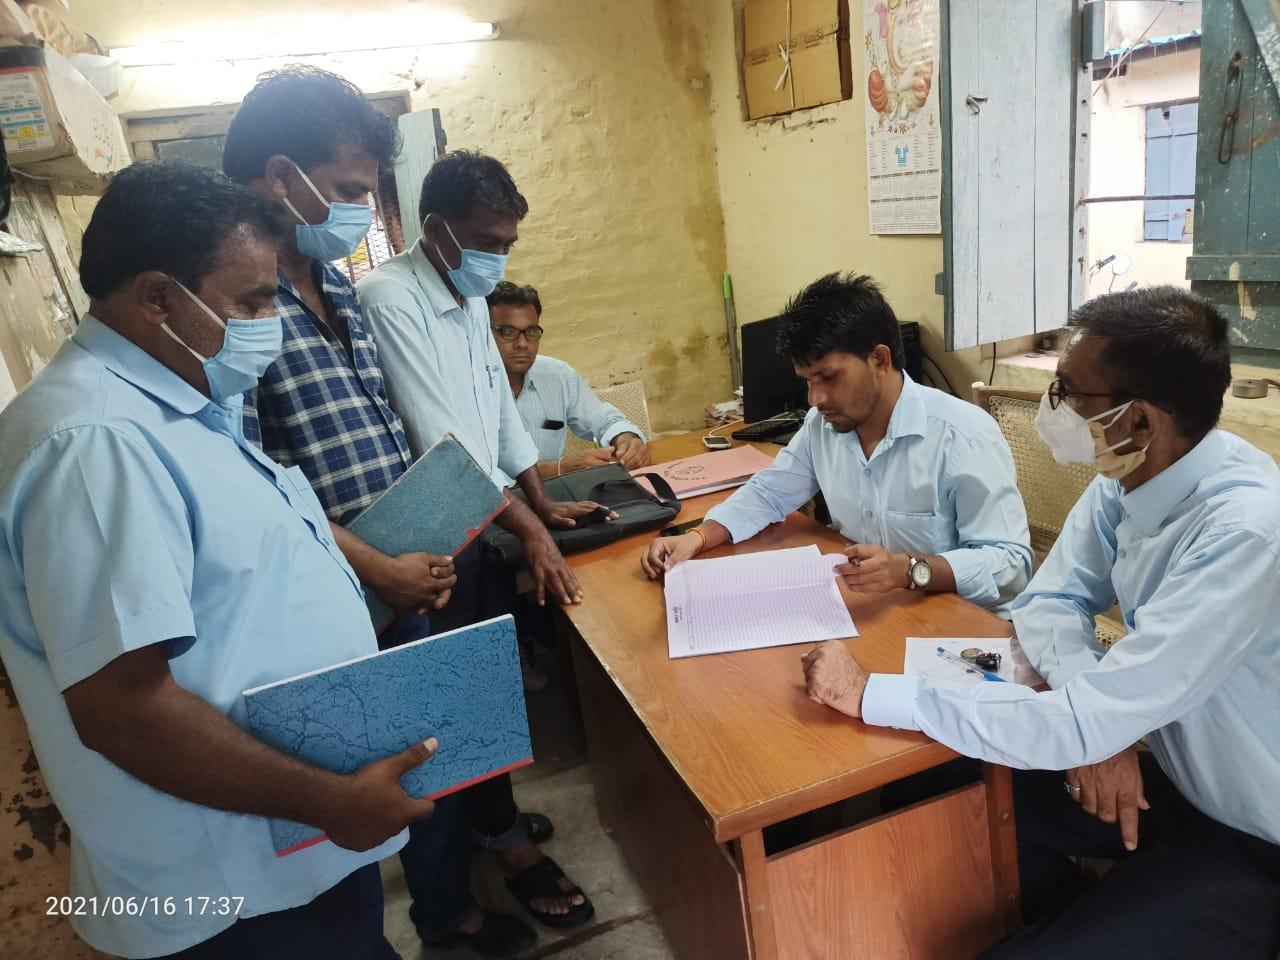 दोपहर की शिफ्ट में गैर हाजिर मिले 38 सफाईकर्मियों को दिया कारण बताओ नोटिस; कटेगा आधे दिन का वेतन|खंडवा,Khandwa - Dainik Bhaskar